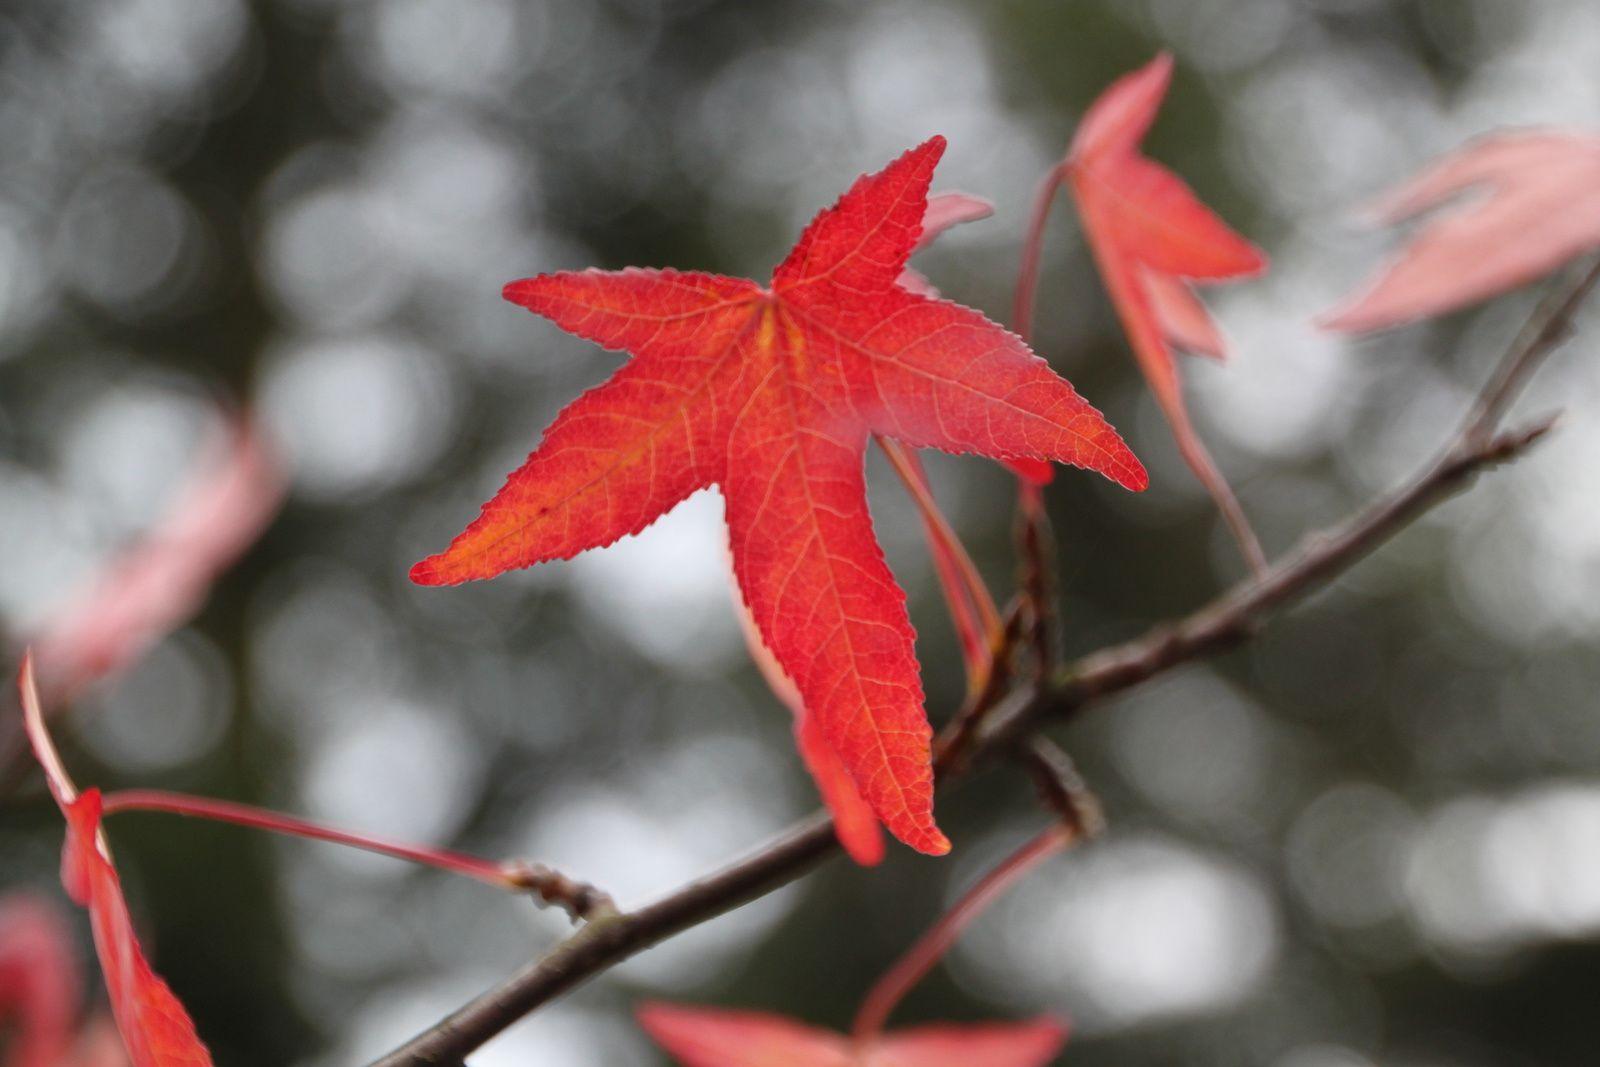 Erable dans le jardin de ma Grand-mère, Novembre 2012